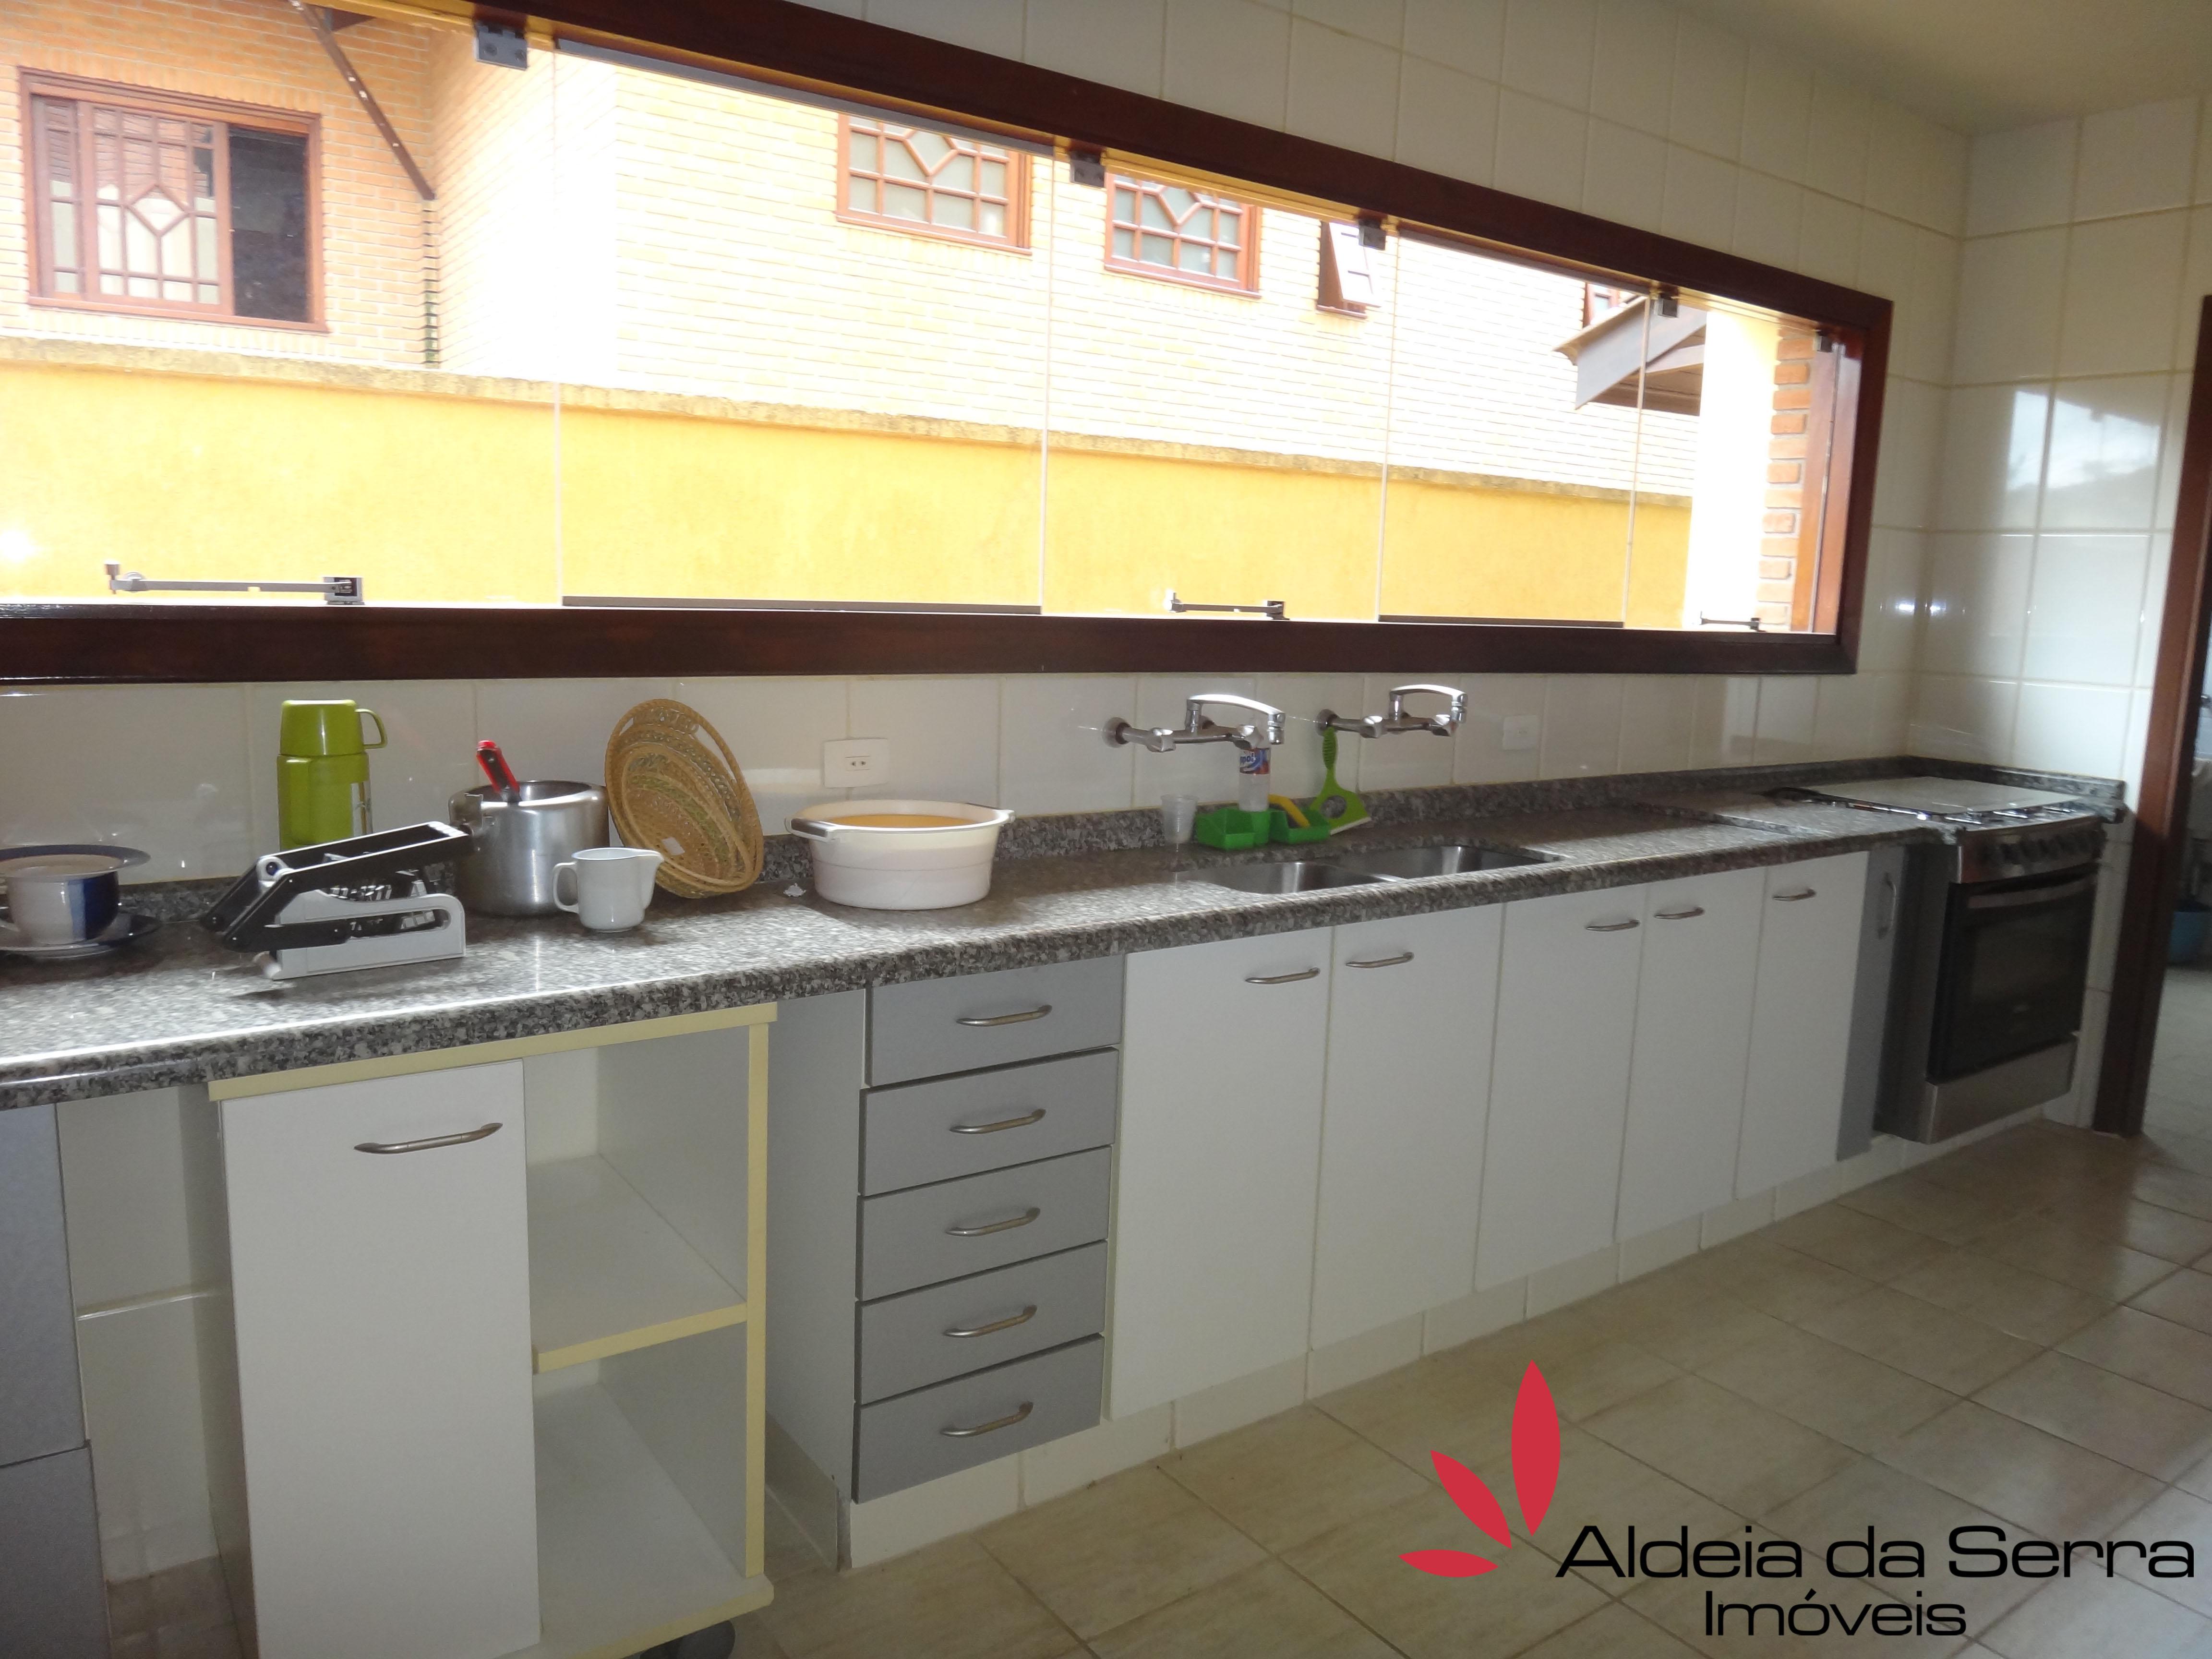 /admin/imoveis/fotos/2(1).jpg Aldeia da Serra Imoveis